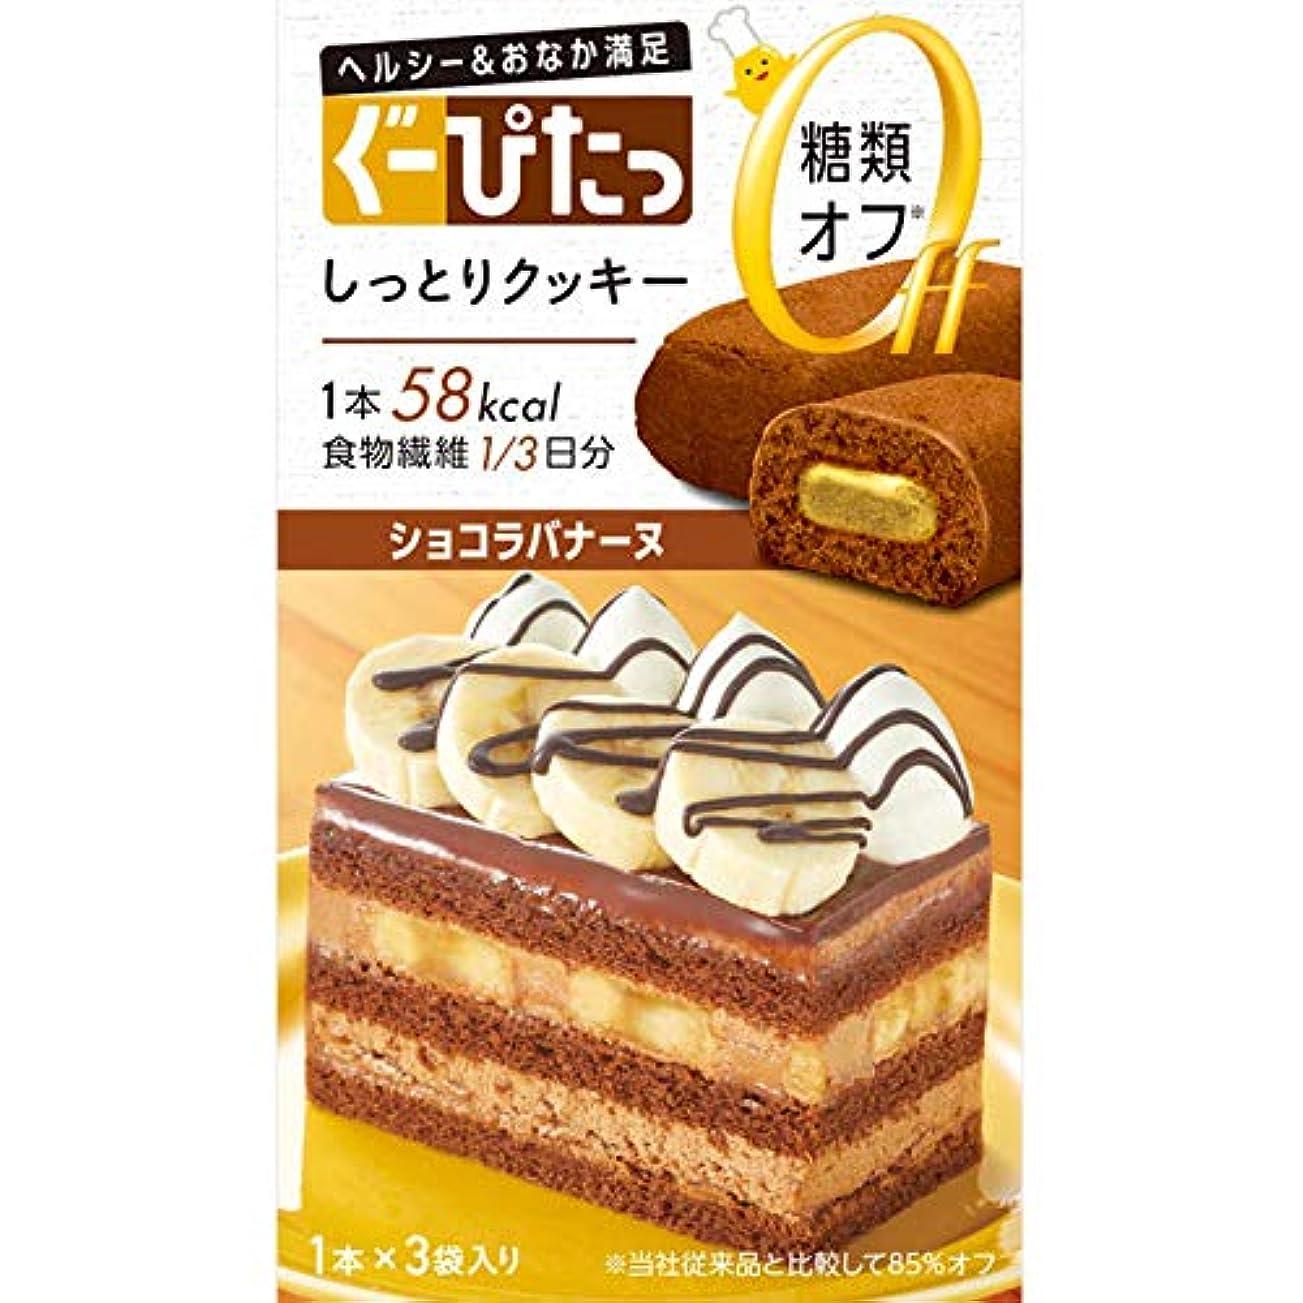 ナリスアップ ぐーぴたっ しっとりクッキー ショコラバナーヌ (3本) ダイエット食品